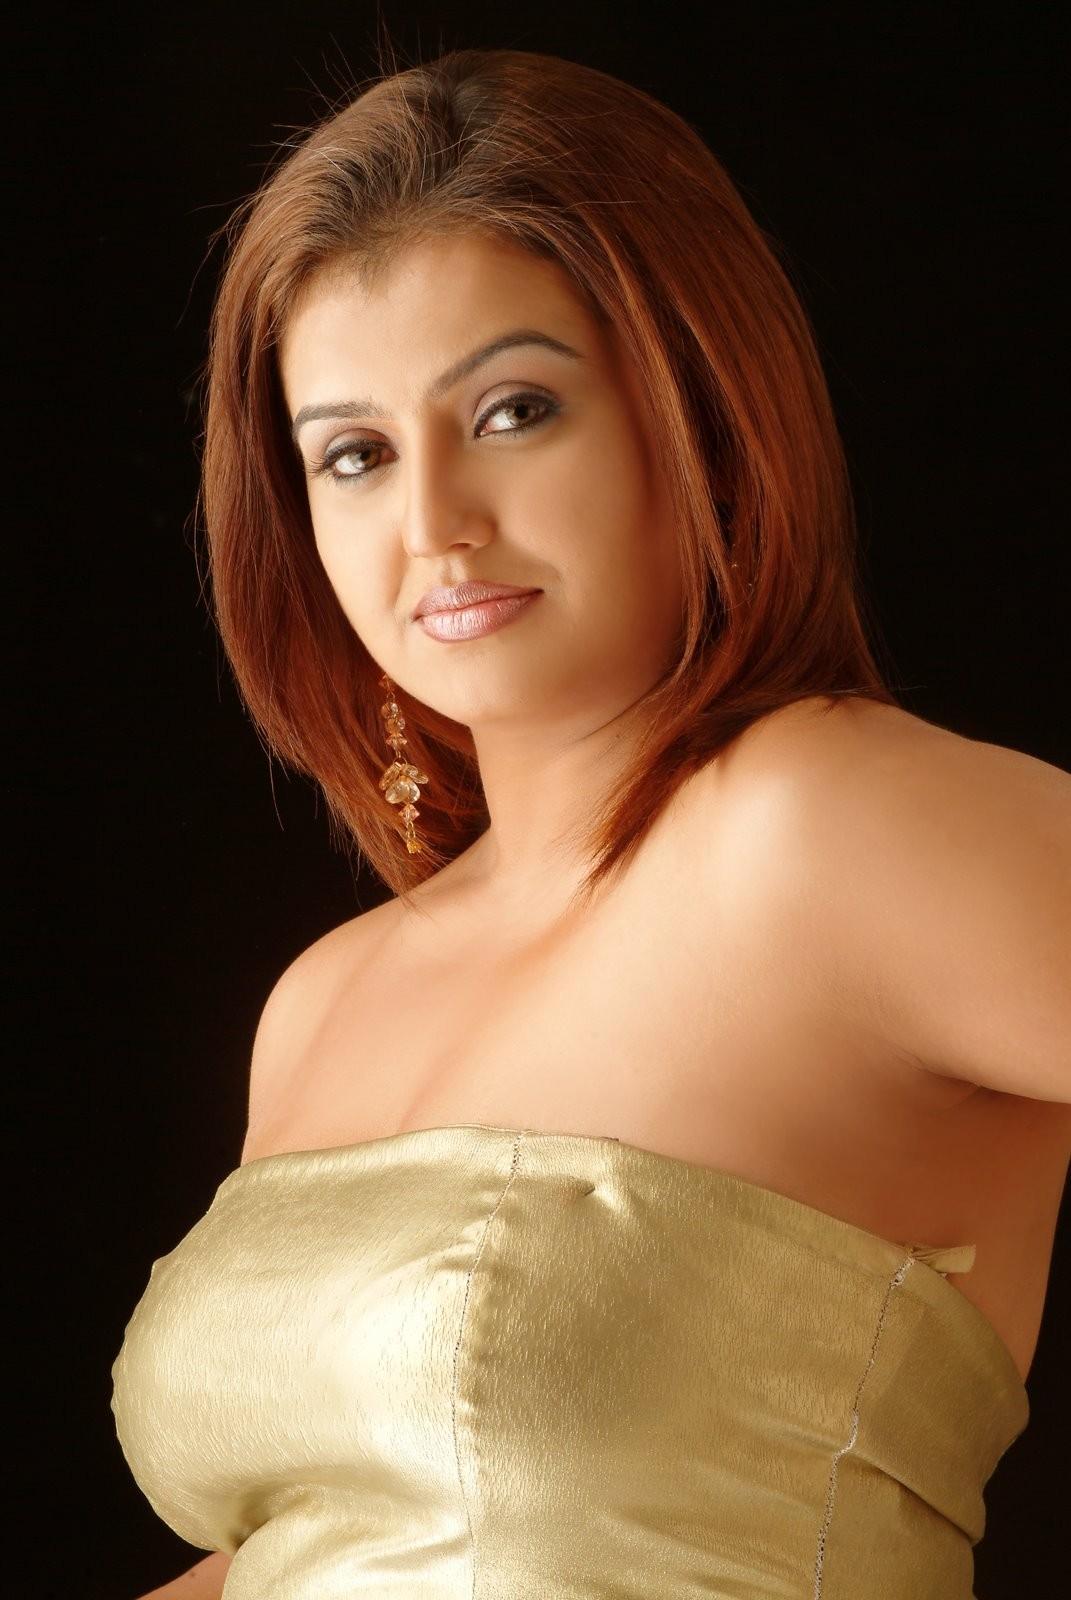 http://2.bp.blogspot.com/-tqY9e-2Owpc/TiH7iSHacAI/AAAAAAAALcc/UX35Y0OLzo4/s1600/Tamil-masala-Actress-Sona-Heiden-Photos-0027.jpg